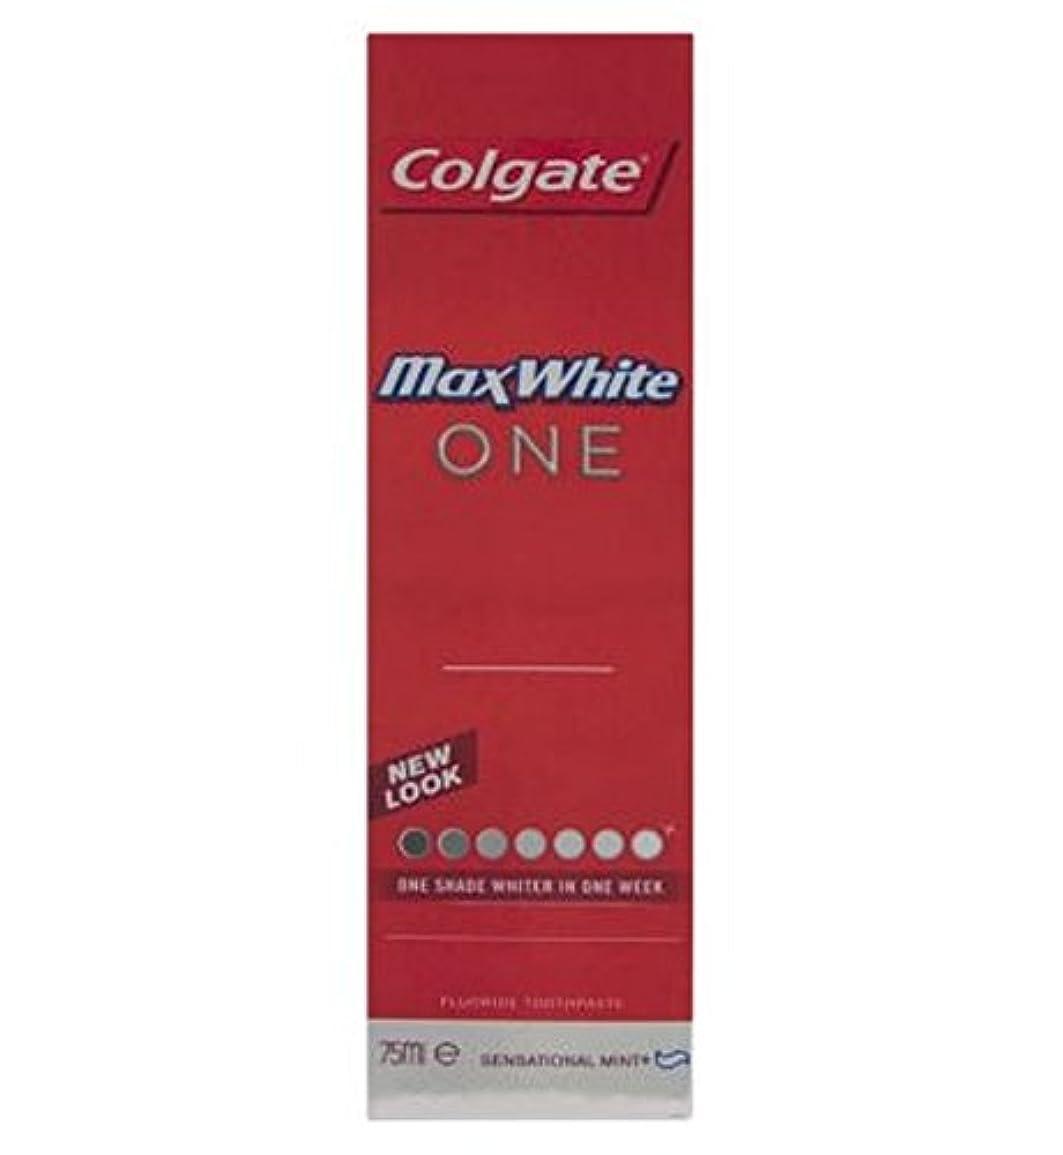 ヒープお勧め宣言するコルゲートマックスホワイト1新鮮な歯磨き粉75ミリリットル (Colgate) (x2) - Colgate Max White One Fresh toothpaste 75ml (Pack of 2) [並行輸入品]